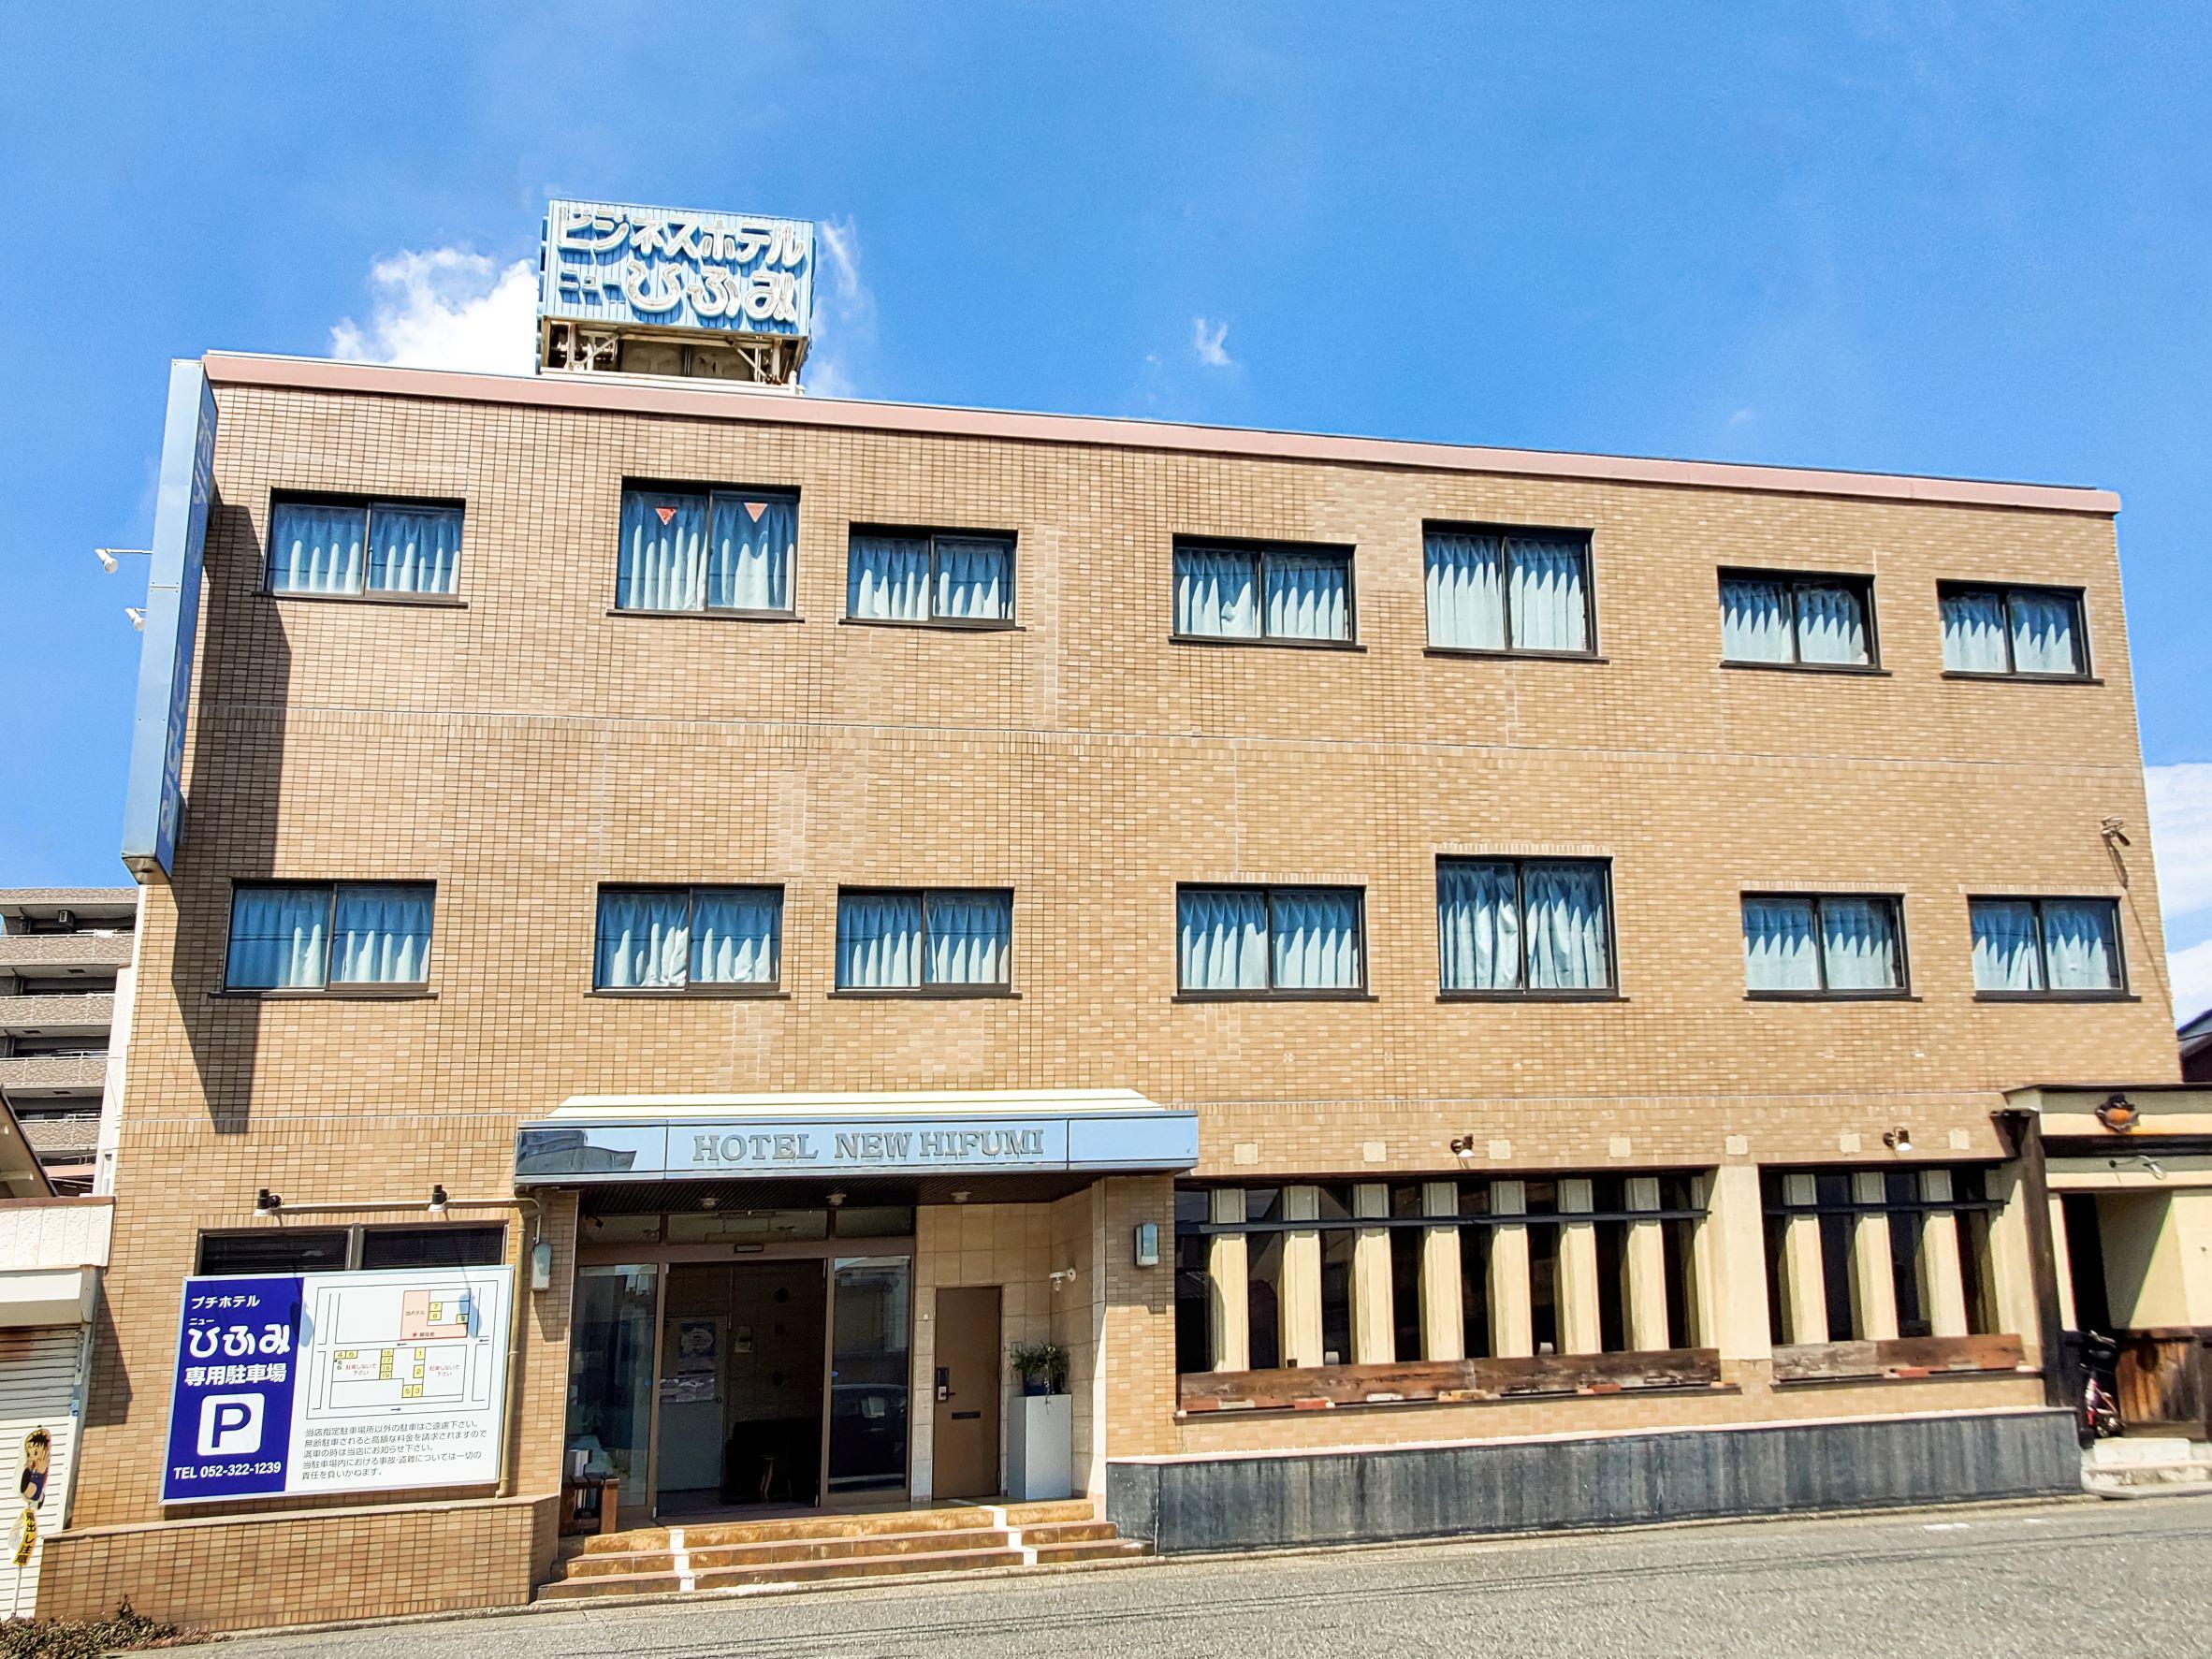 プチホテル ニュー ひふみ◆楽天トラベル